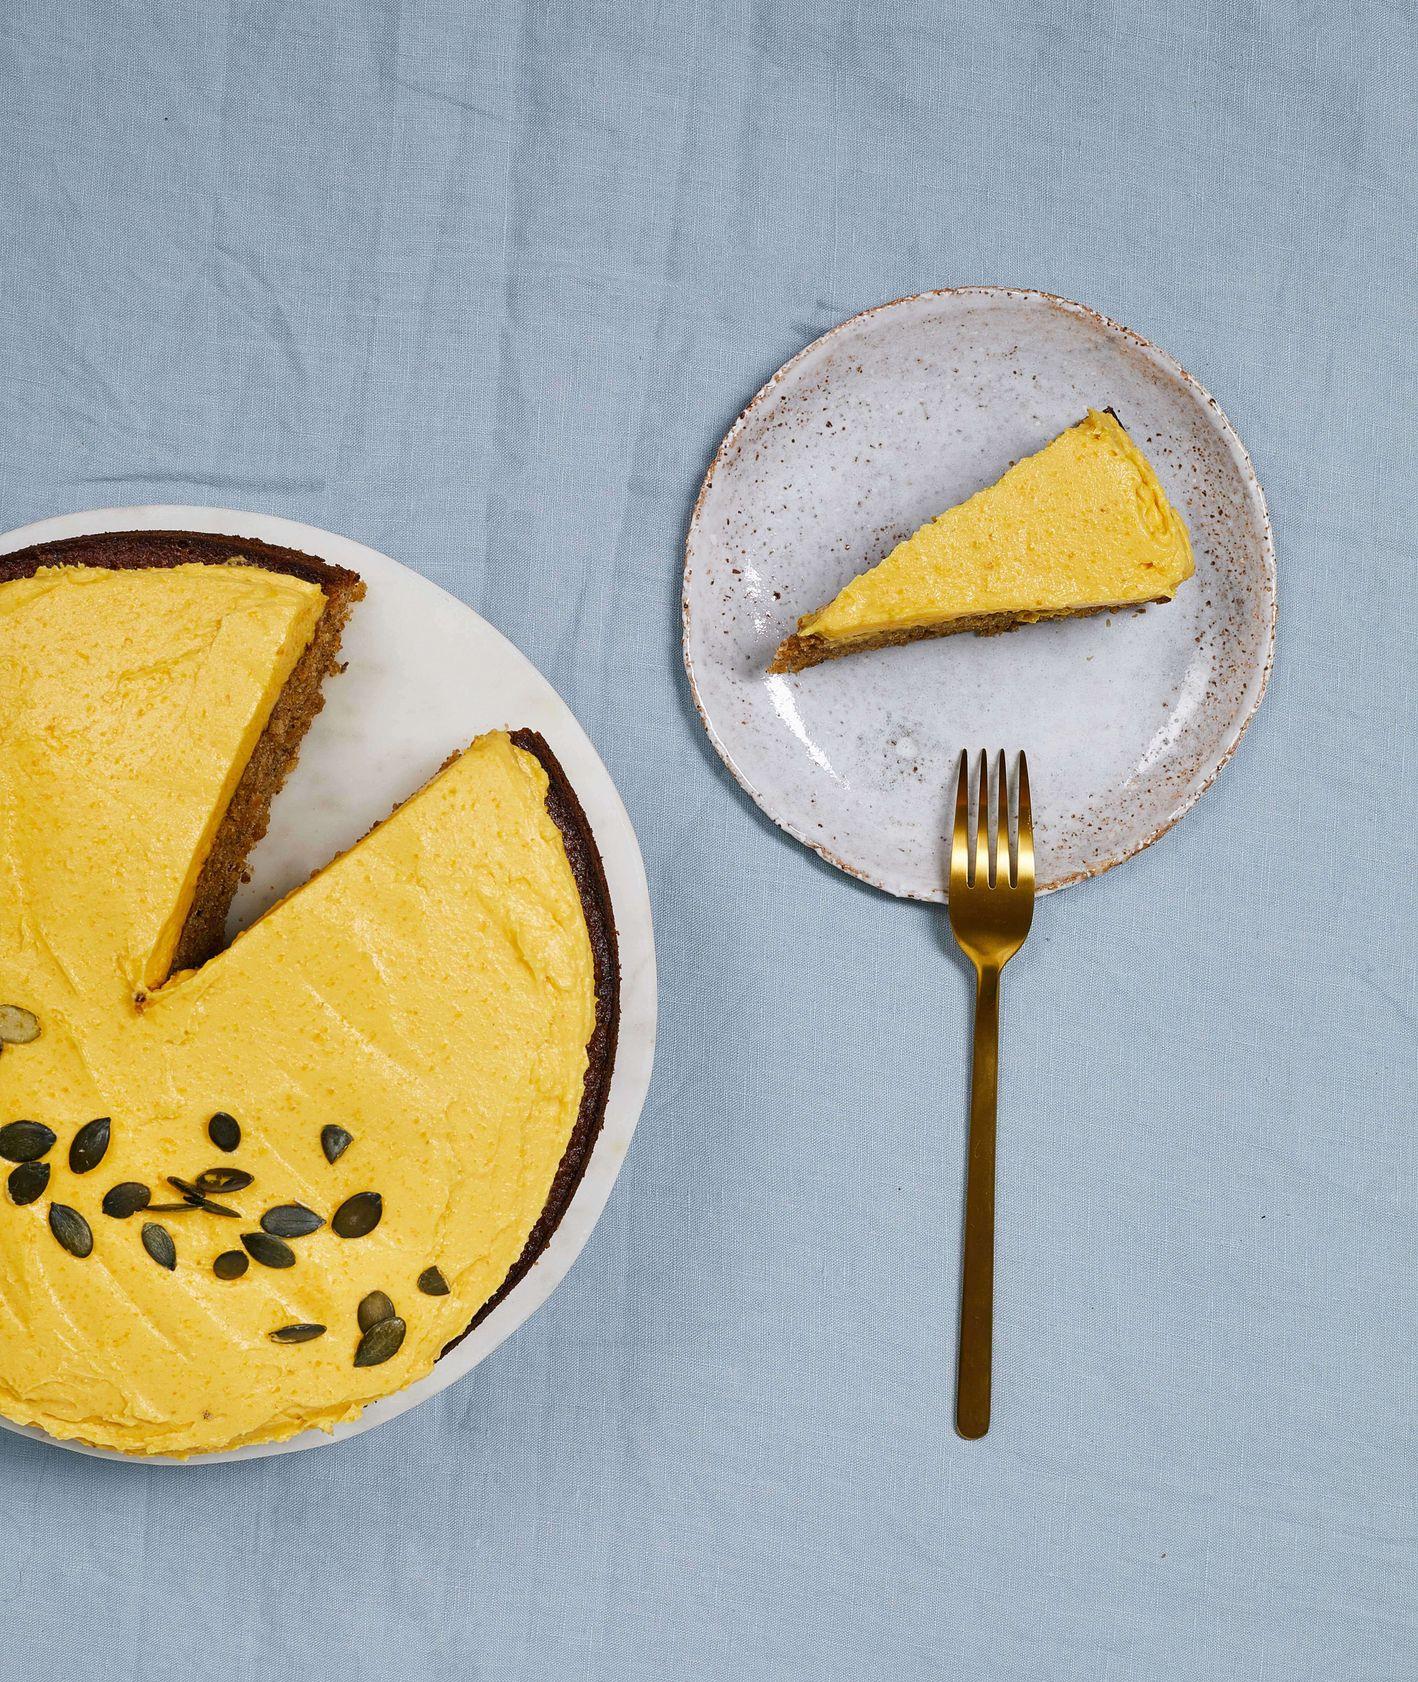 Ciasto dyniowe z kremem posypane pestkami dyni (fot. Maciek Niemojewski)